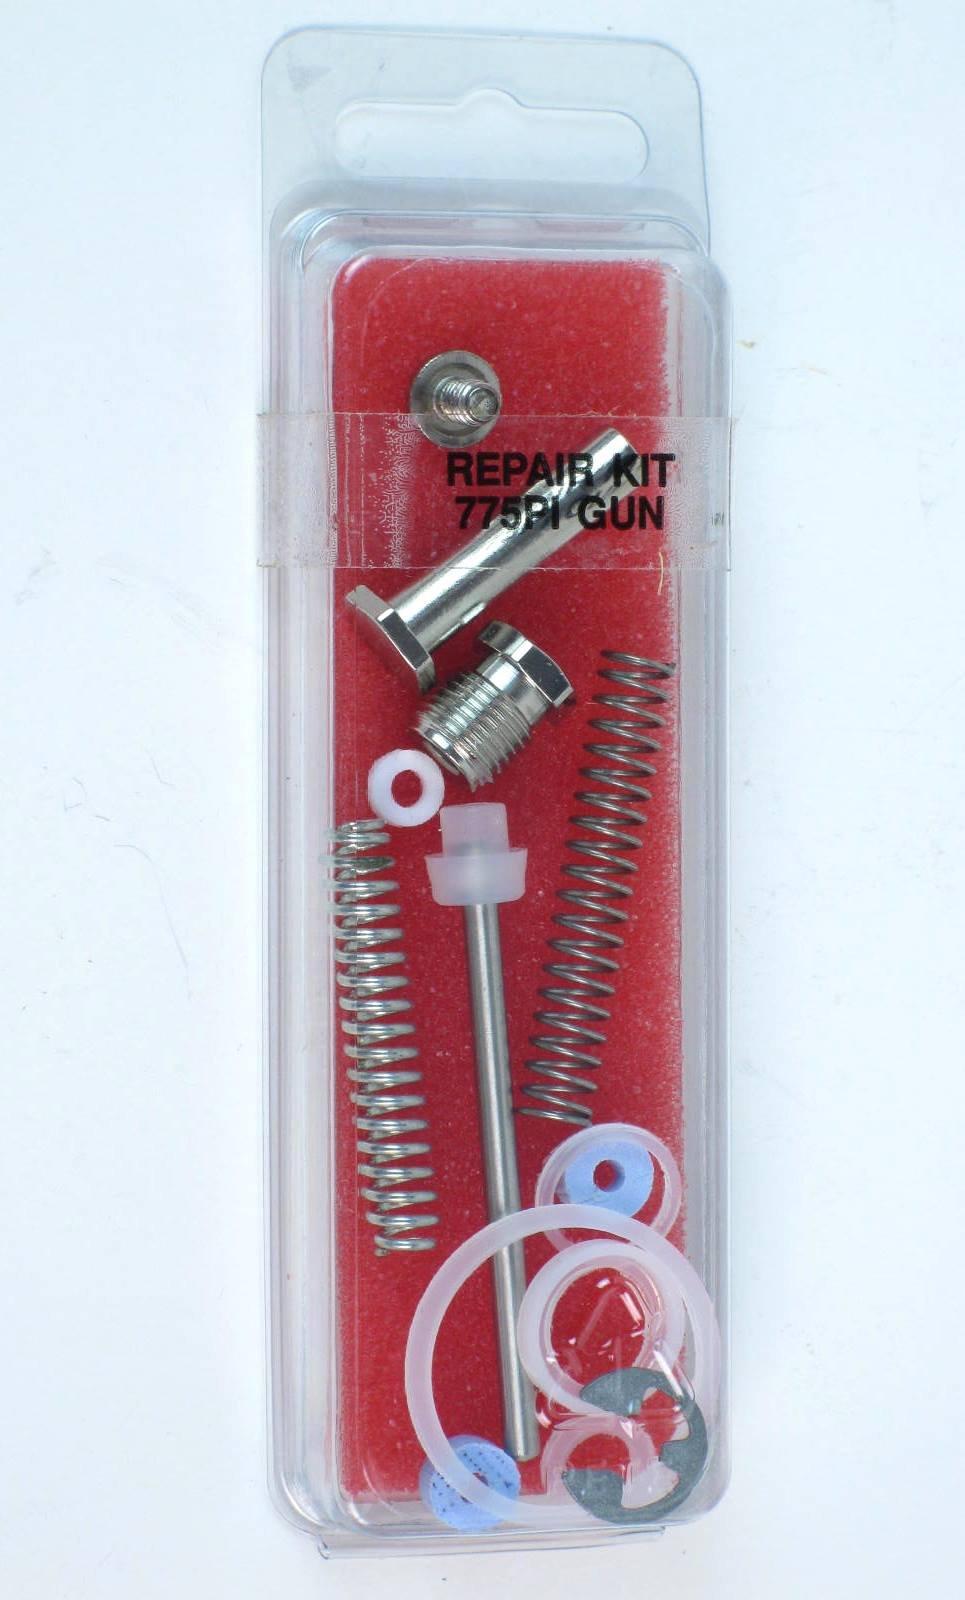 Sharpe 25196 Spray Gun Repair Kit - Made in the USA